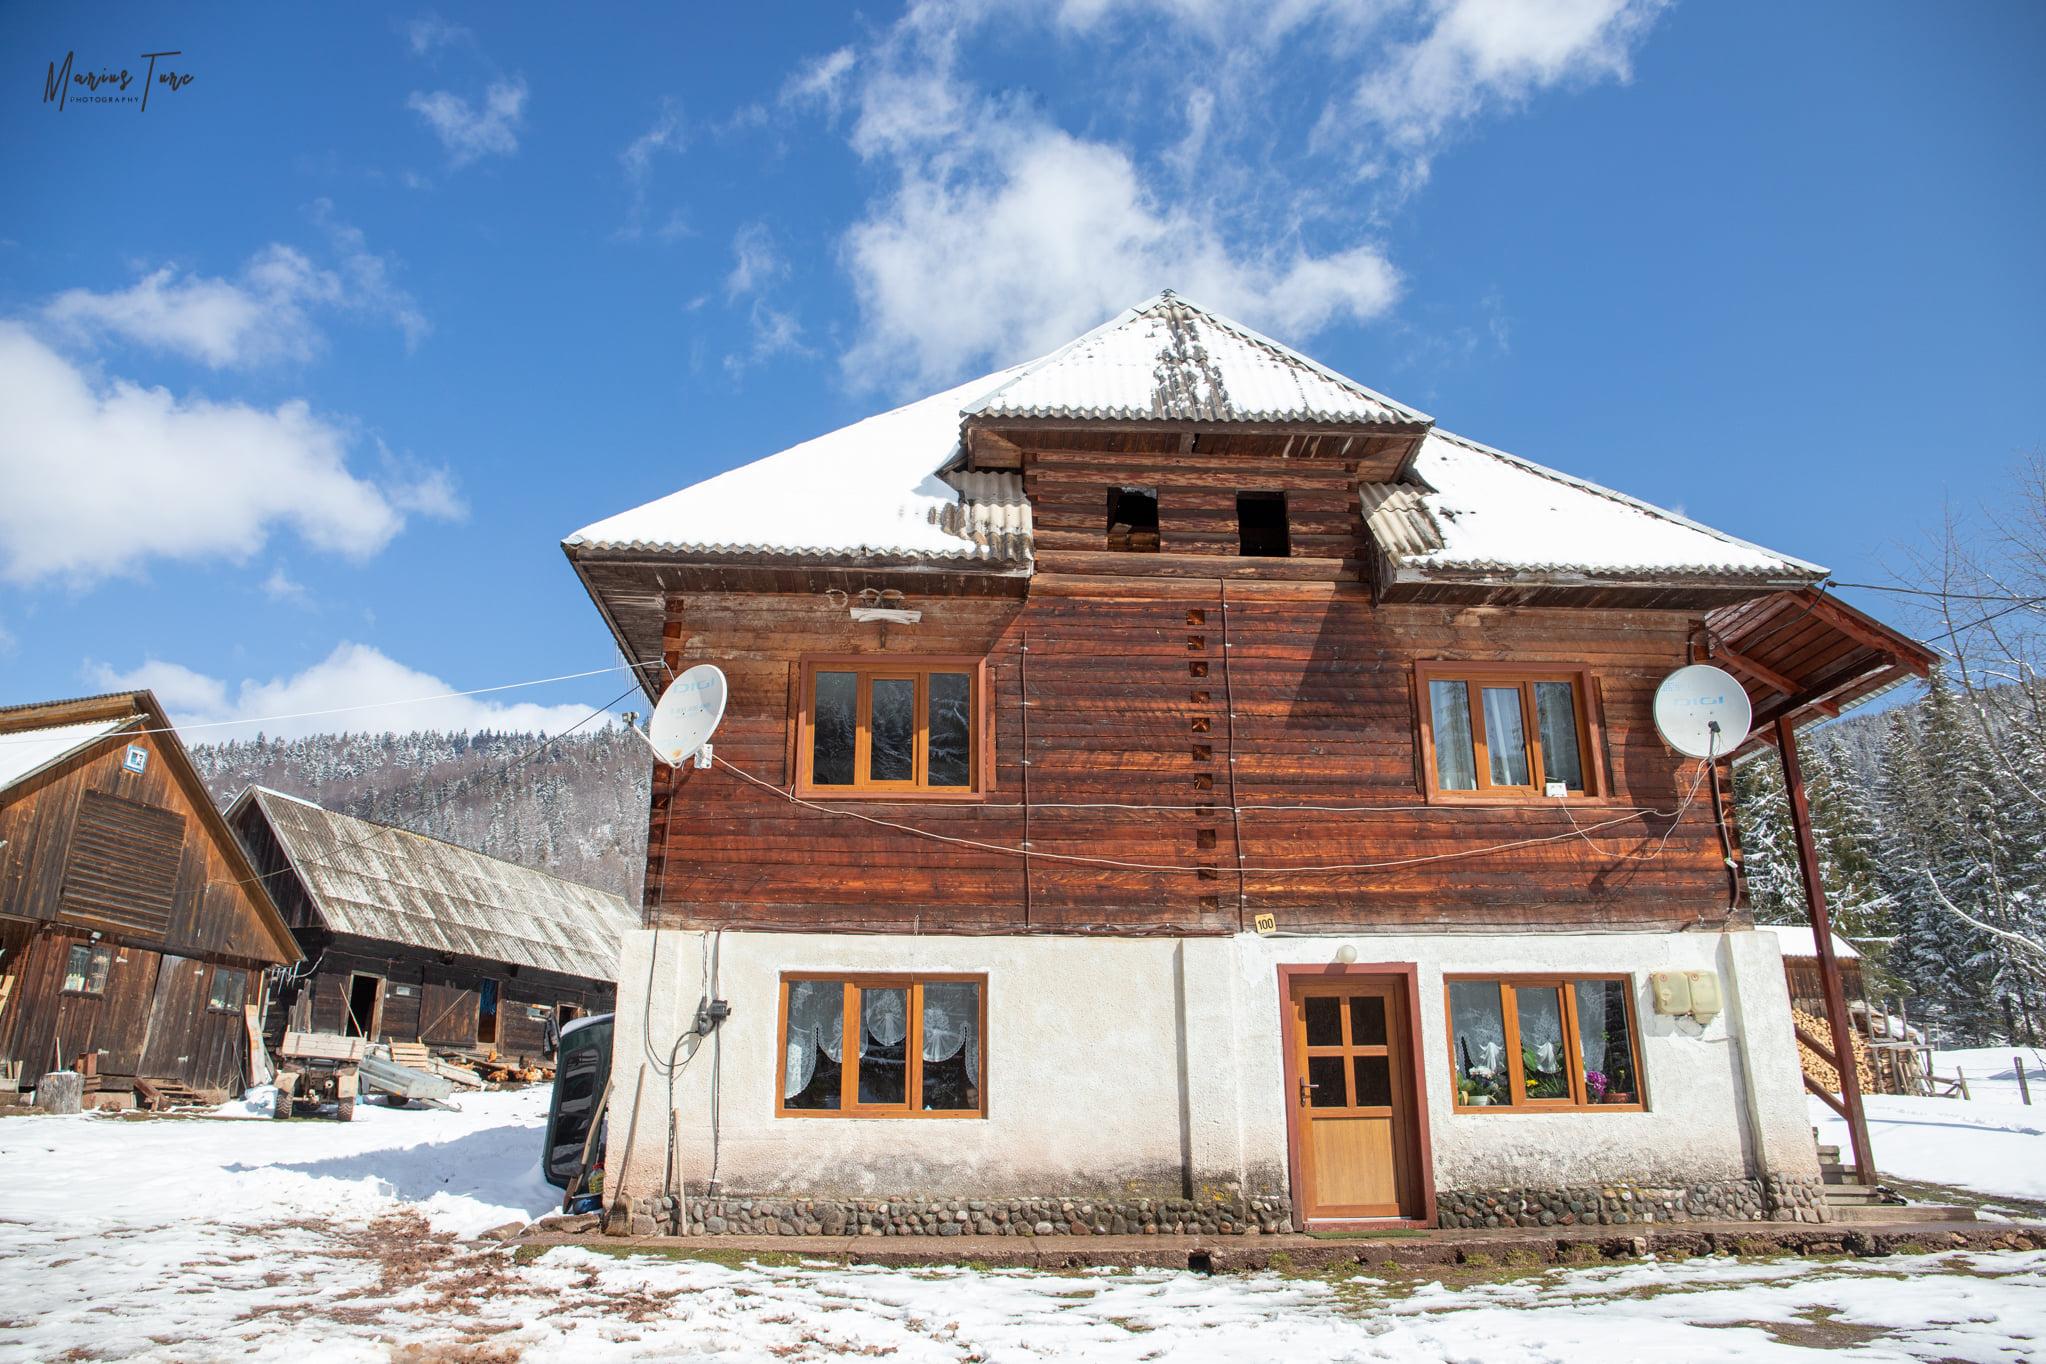 Casa familiei Gligor, catunul Casa de Piatra - Marius Turc